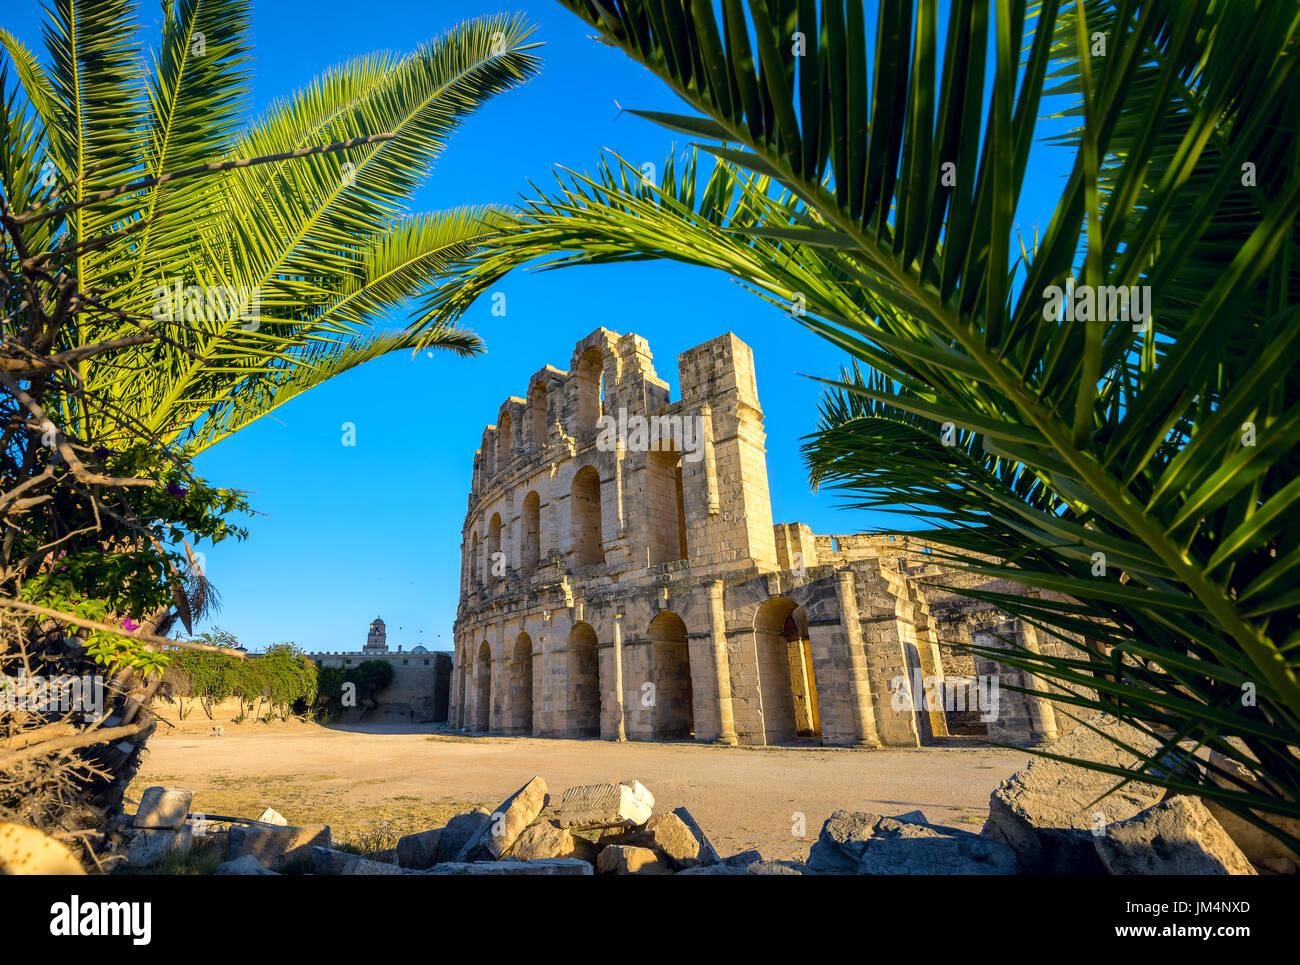 Ancien amphithéâtre romain d'El Djem. Le gouvernorat de Mahdia, Tunisie, Afrique du Nord Photo Stock